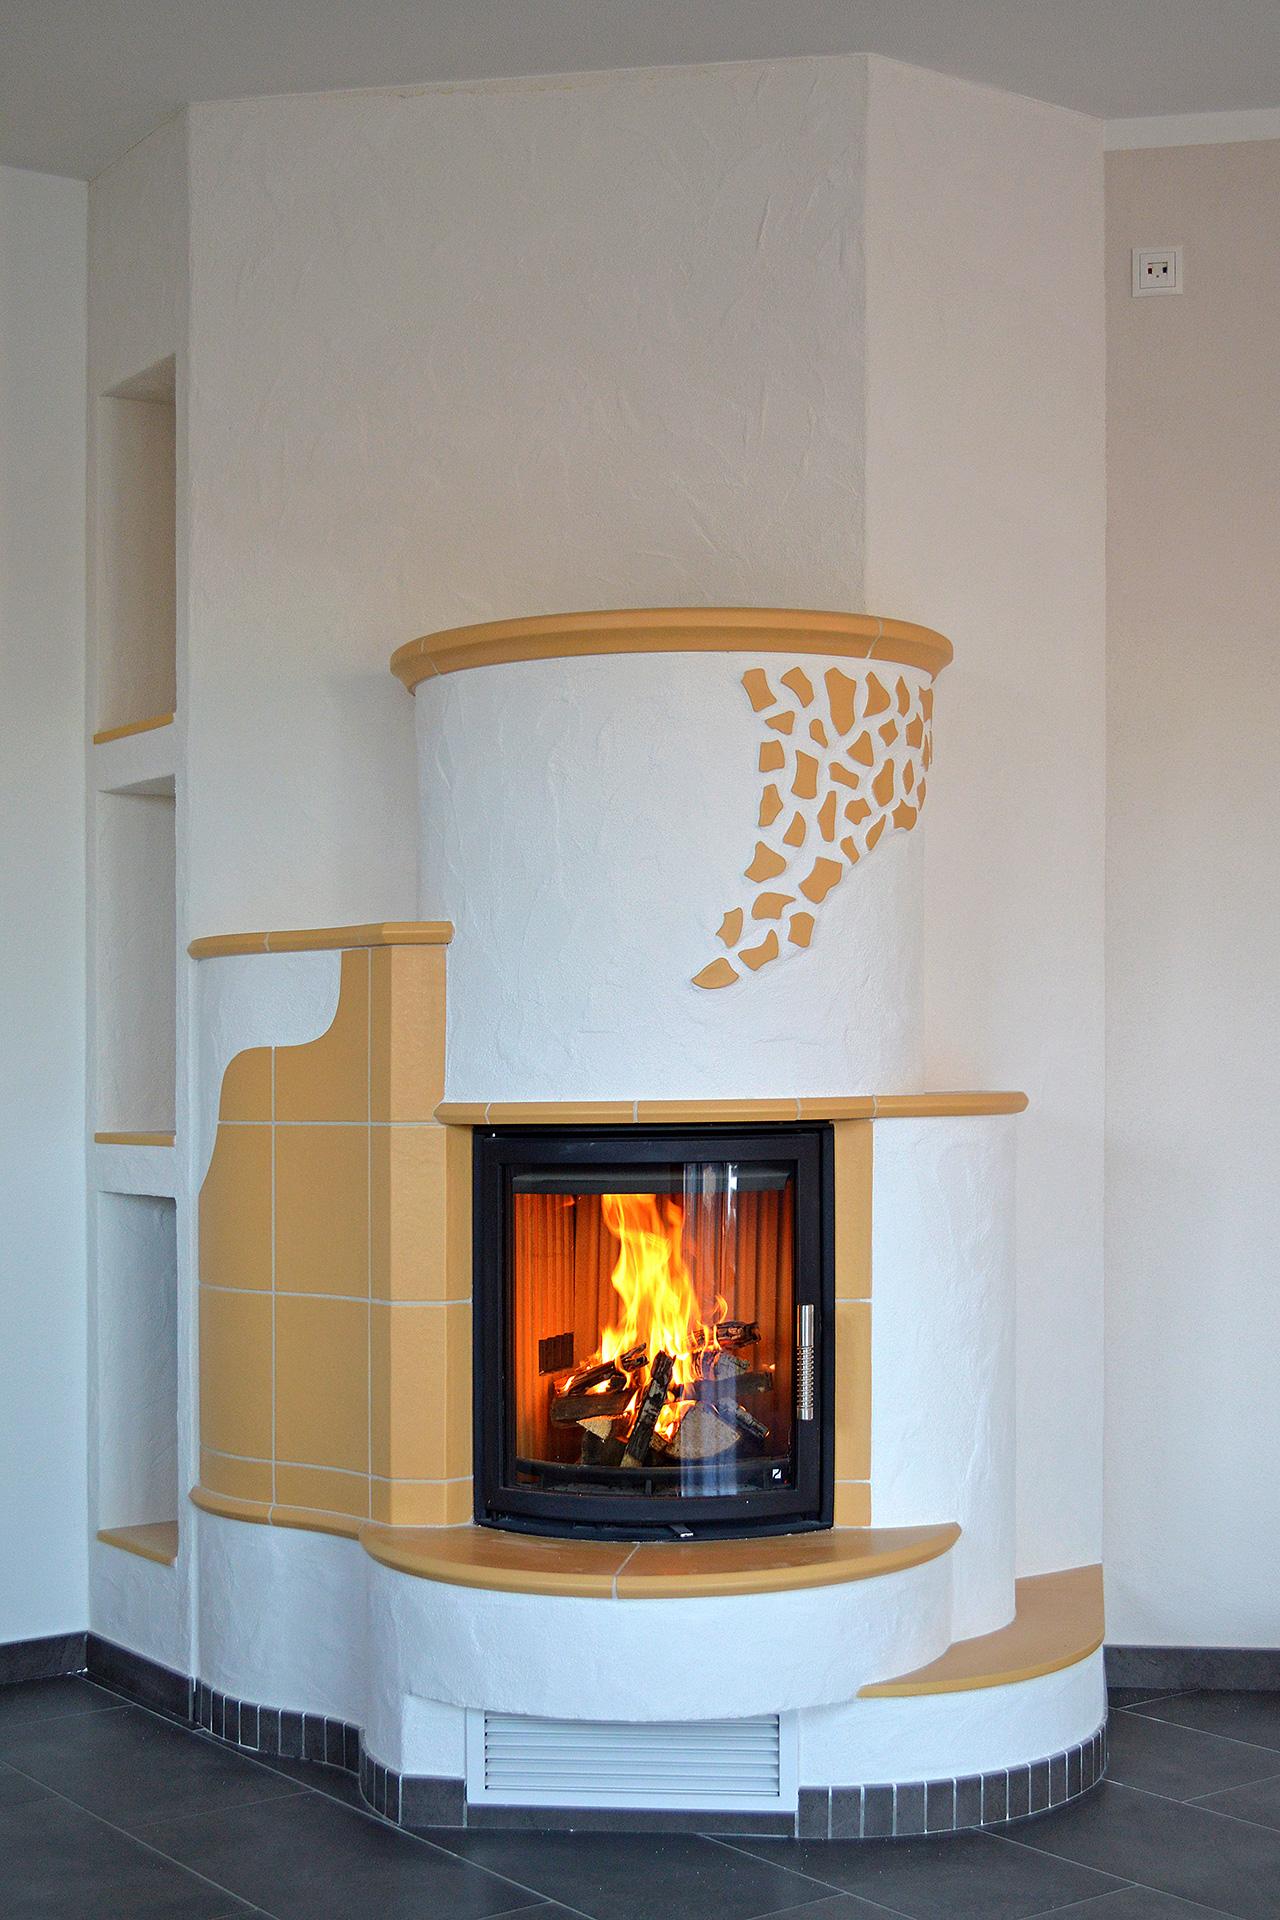 Referenz Ofen- und Kaminbau, Bild 0200